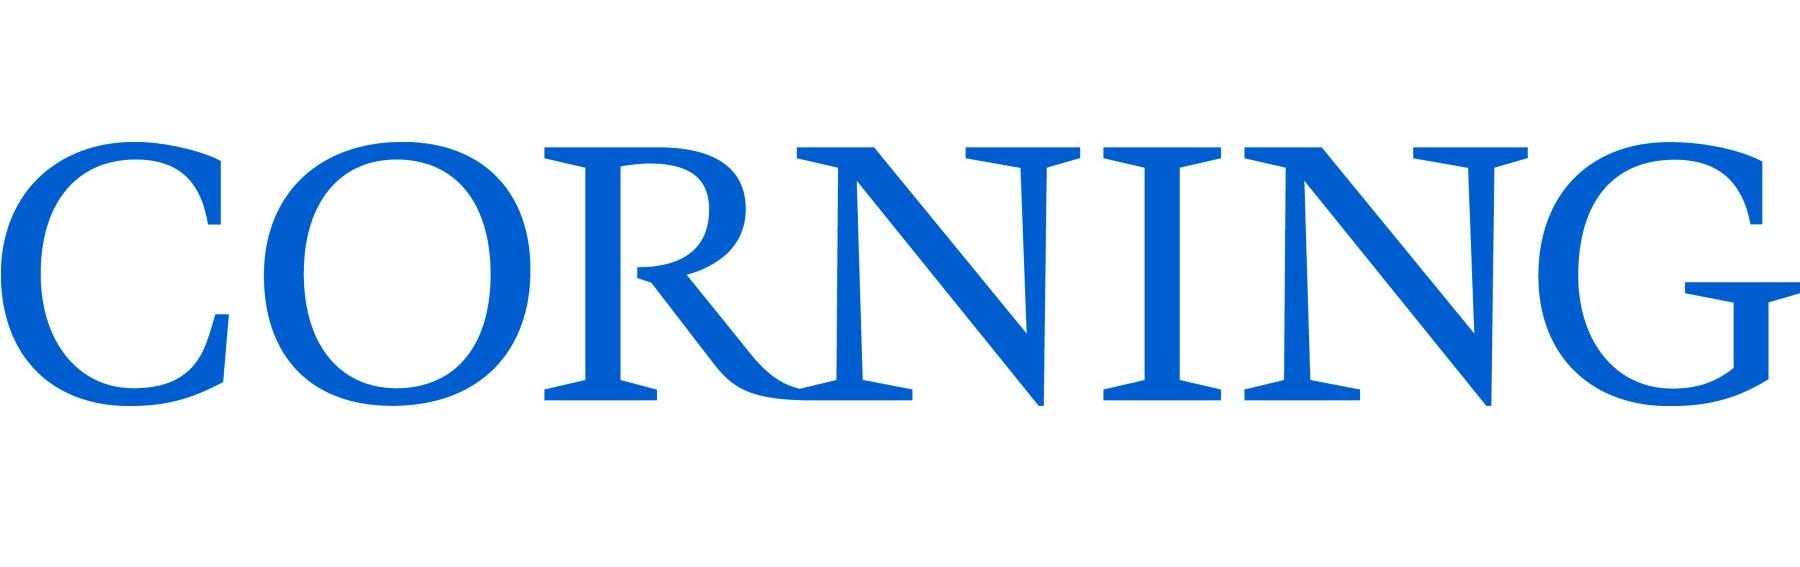 Corning Logo | GC&E Systems Group